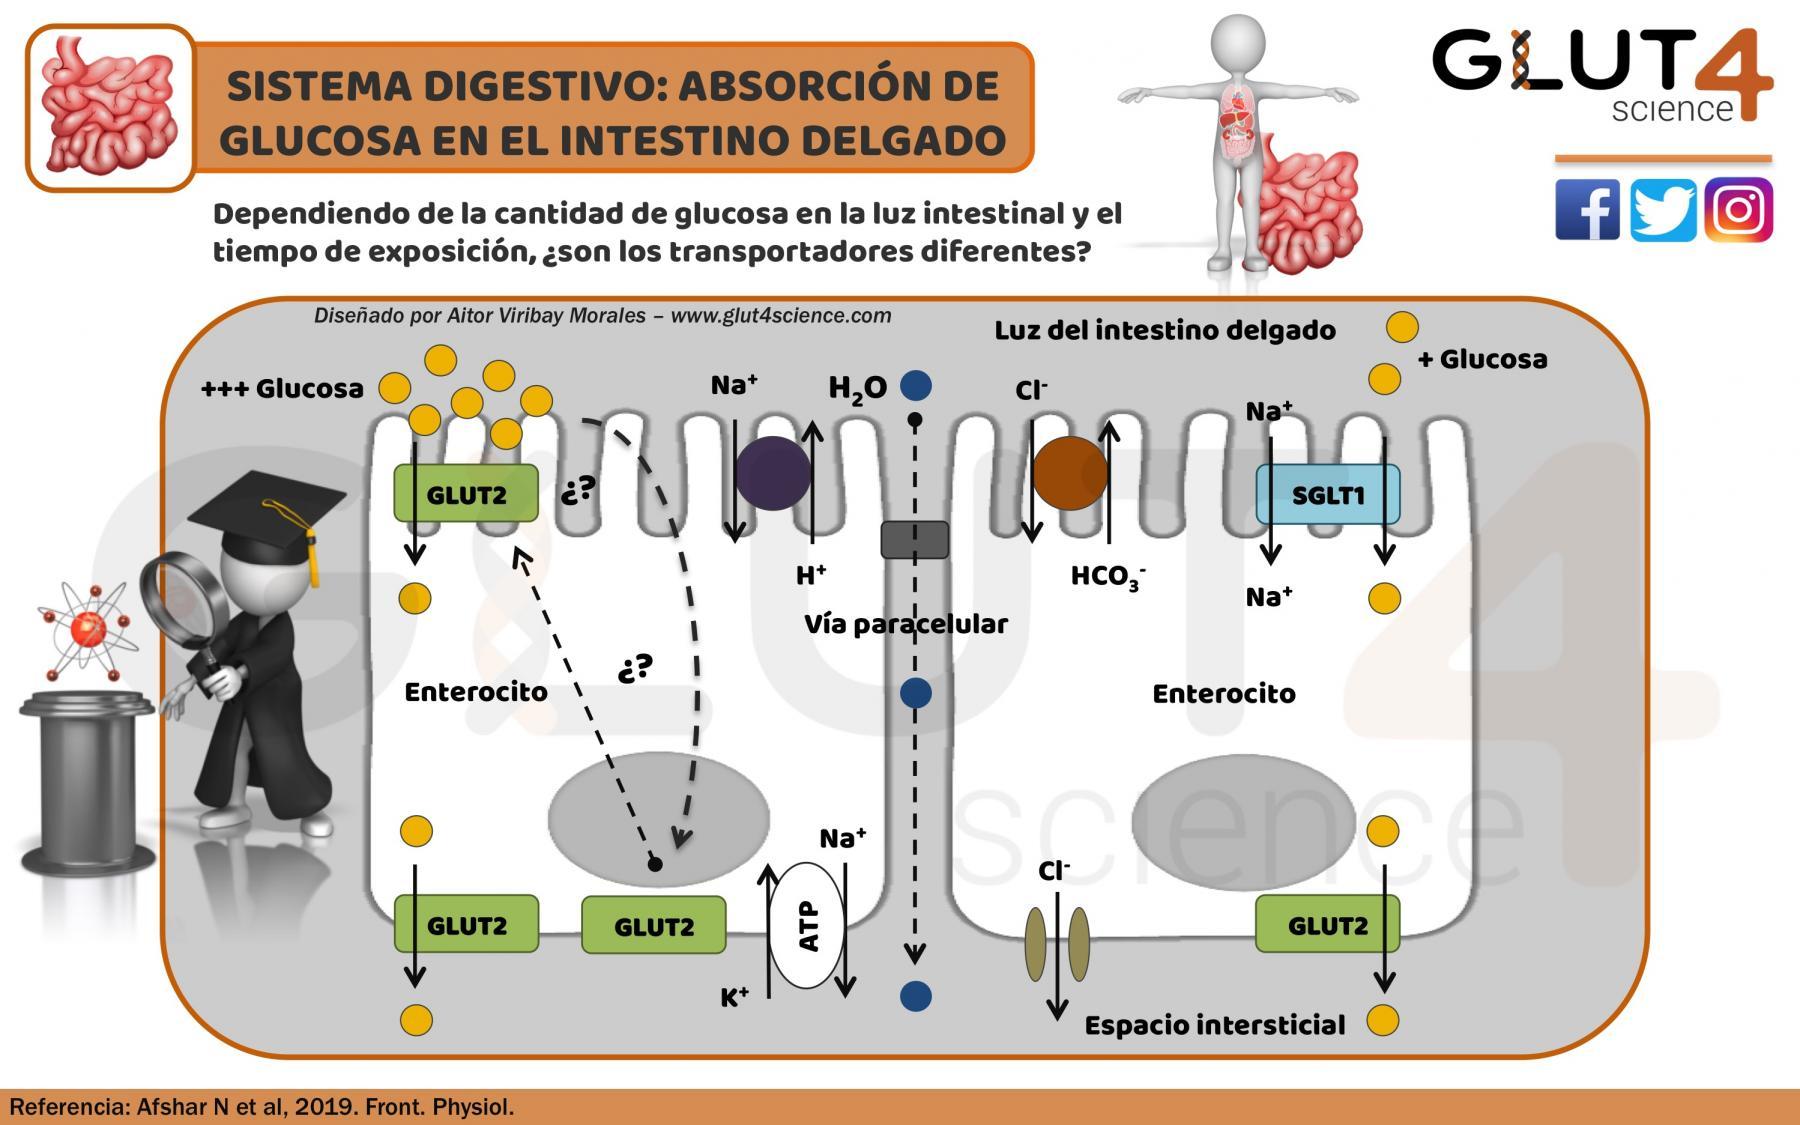 Absorción de glucosa en el intestino: Glut2